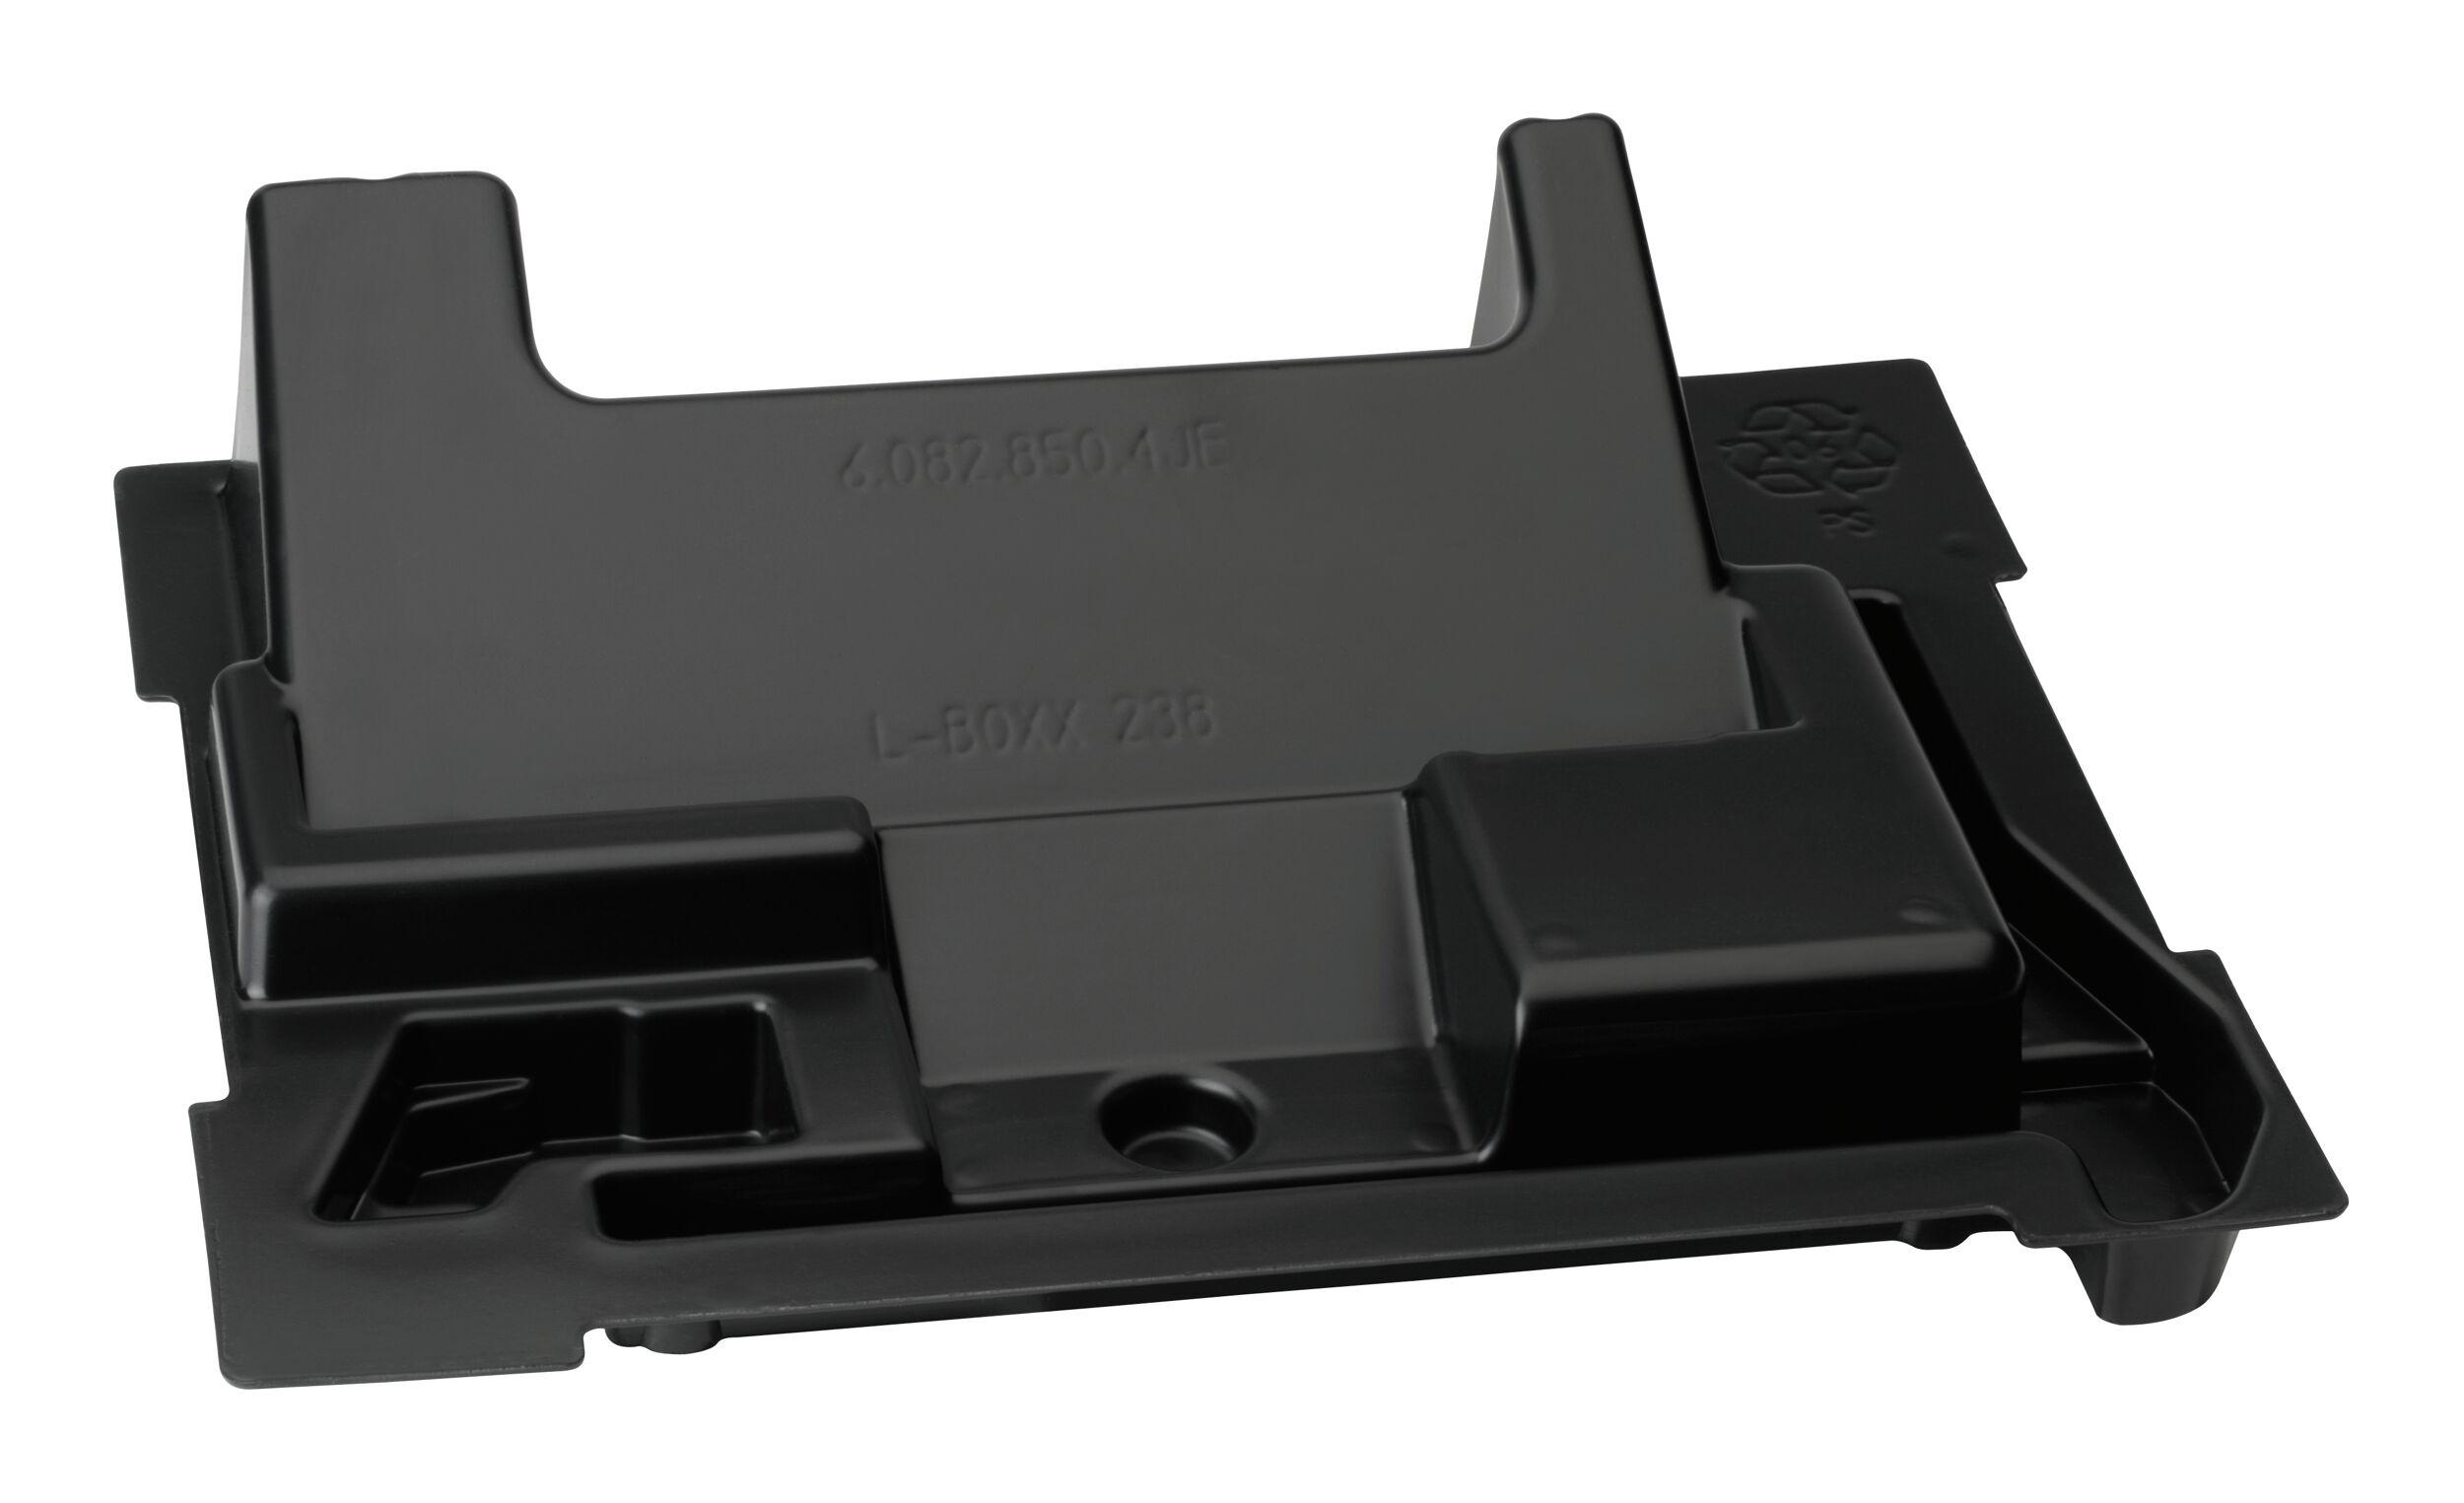 Bosch Blau Professional Einlage zur Werkzeugaufbewahrung für GKS 55 - 1600A002VA